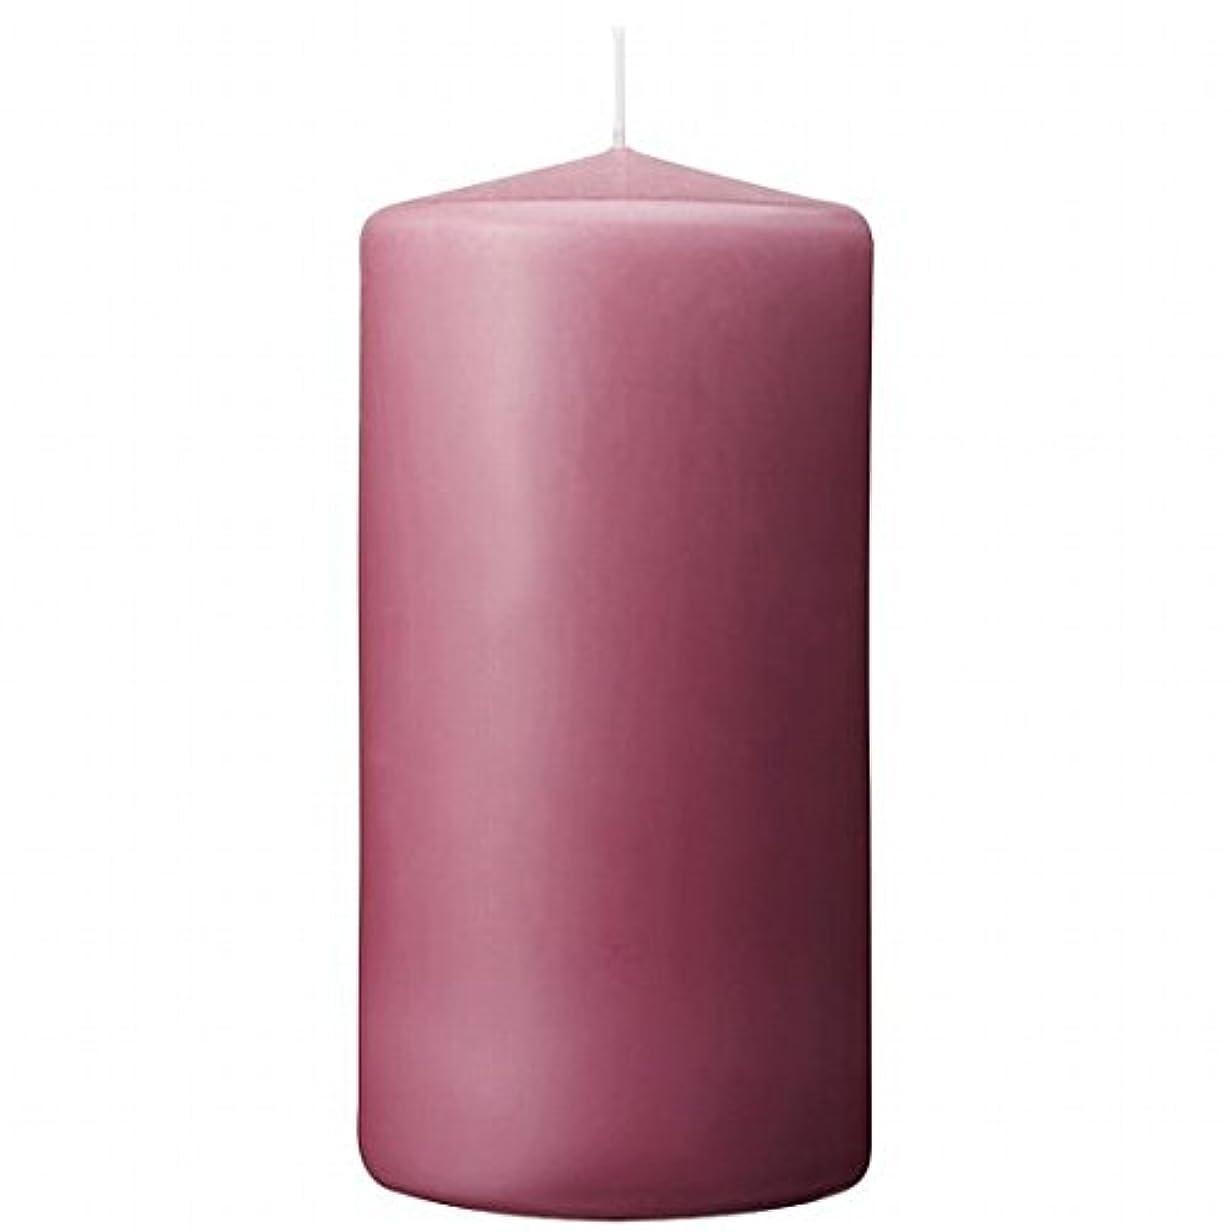 申請者反発蓄積するカメヤマキャンドル(kameyama candle) 3×6ベルトップピラーキャンドル 「 ラベンダークリーム 」